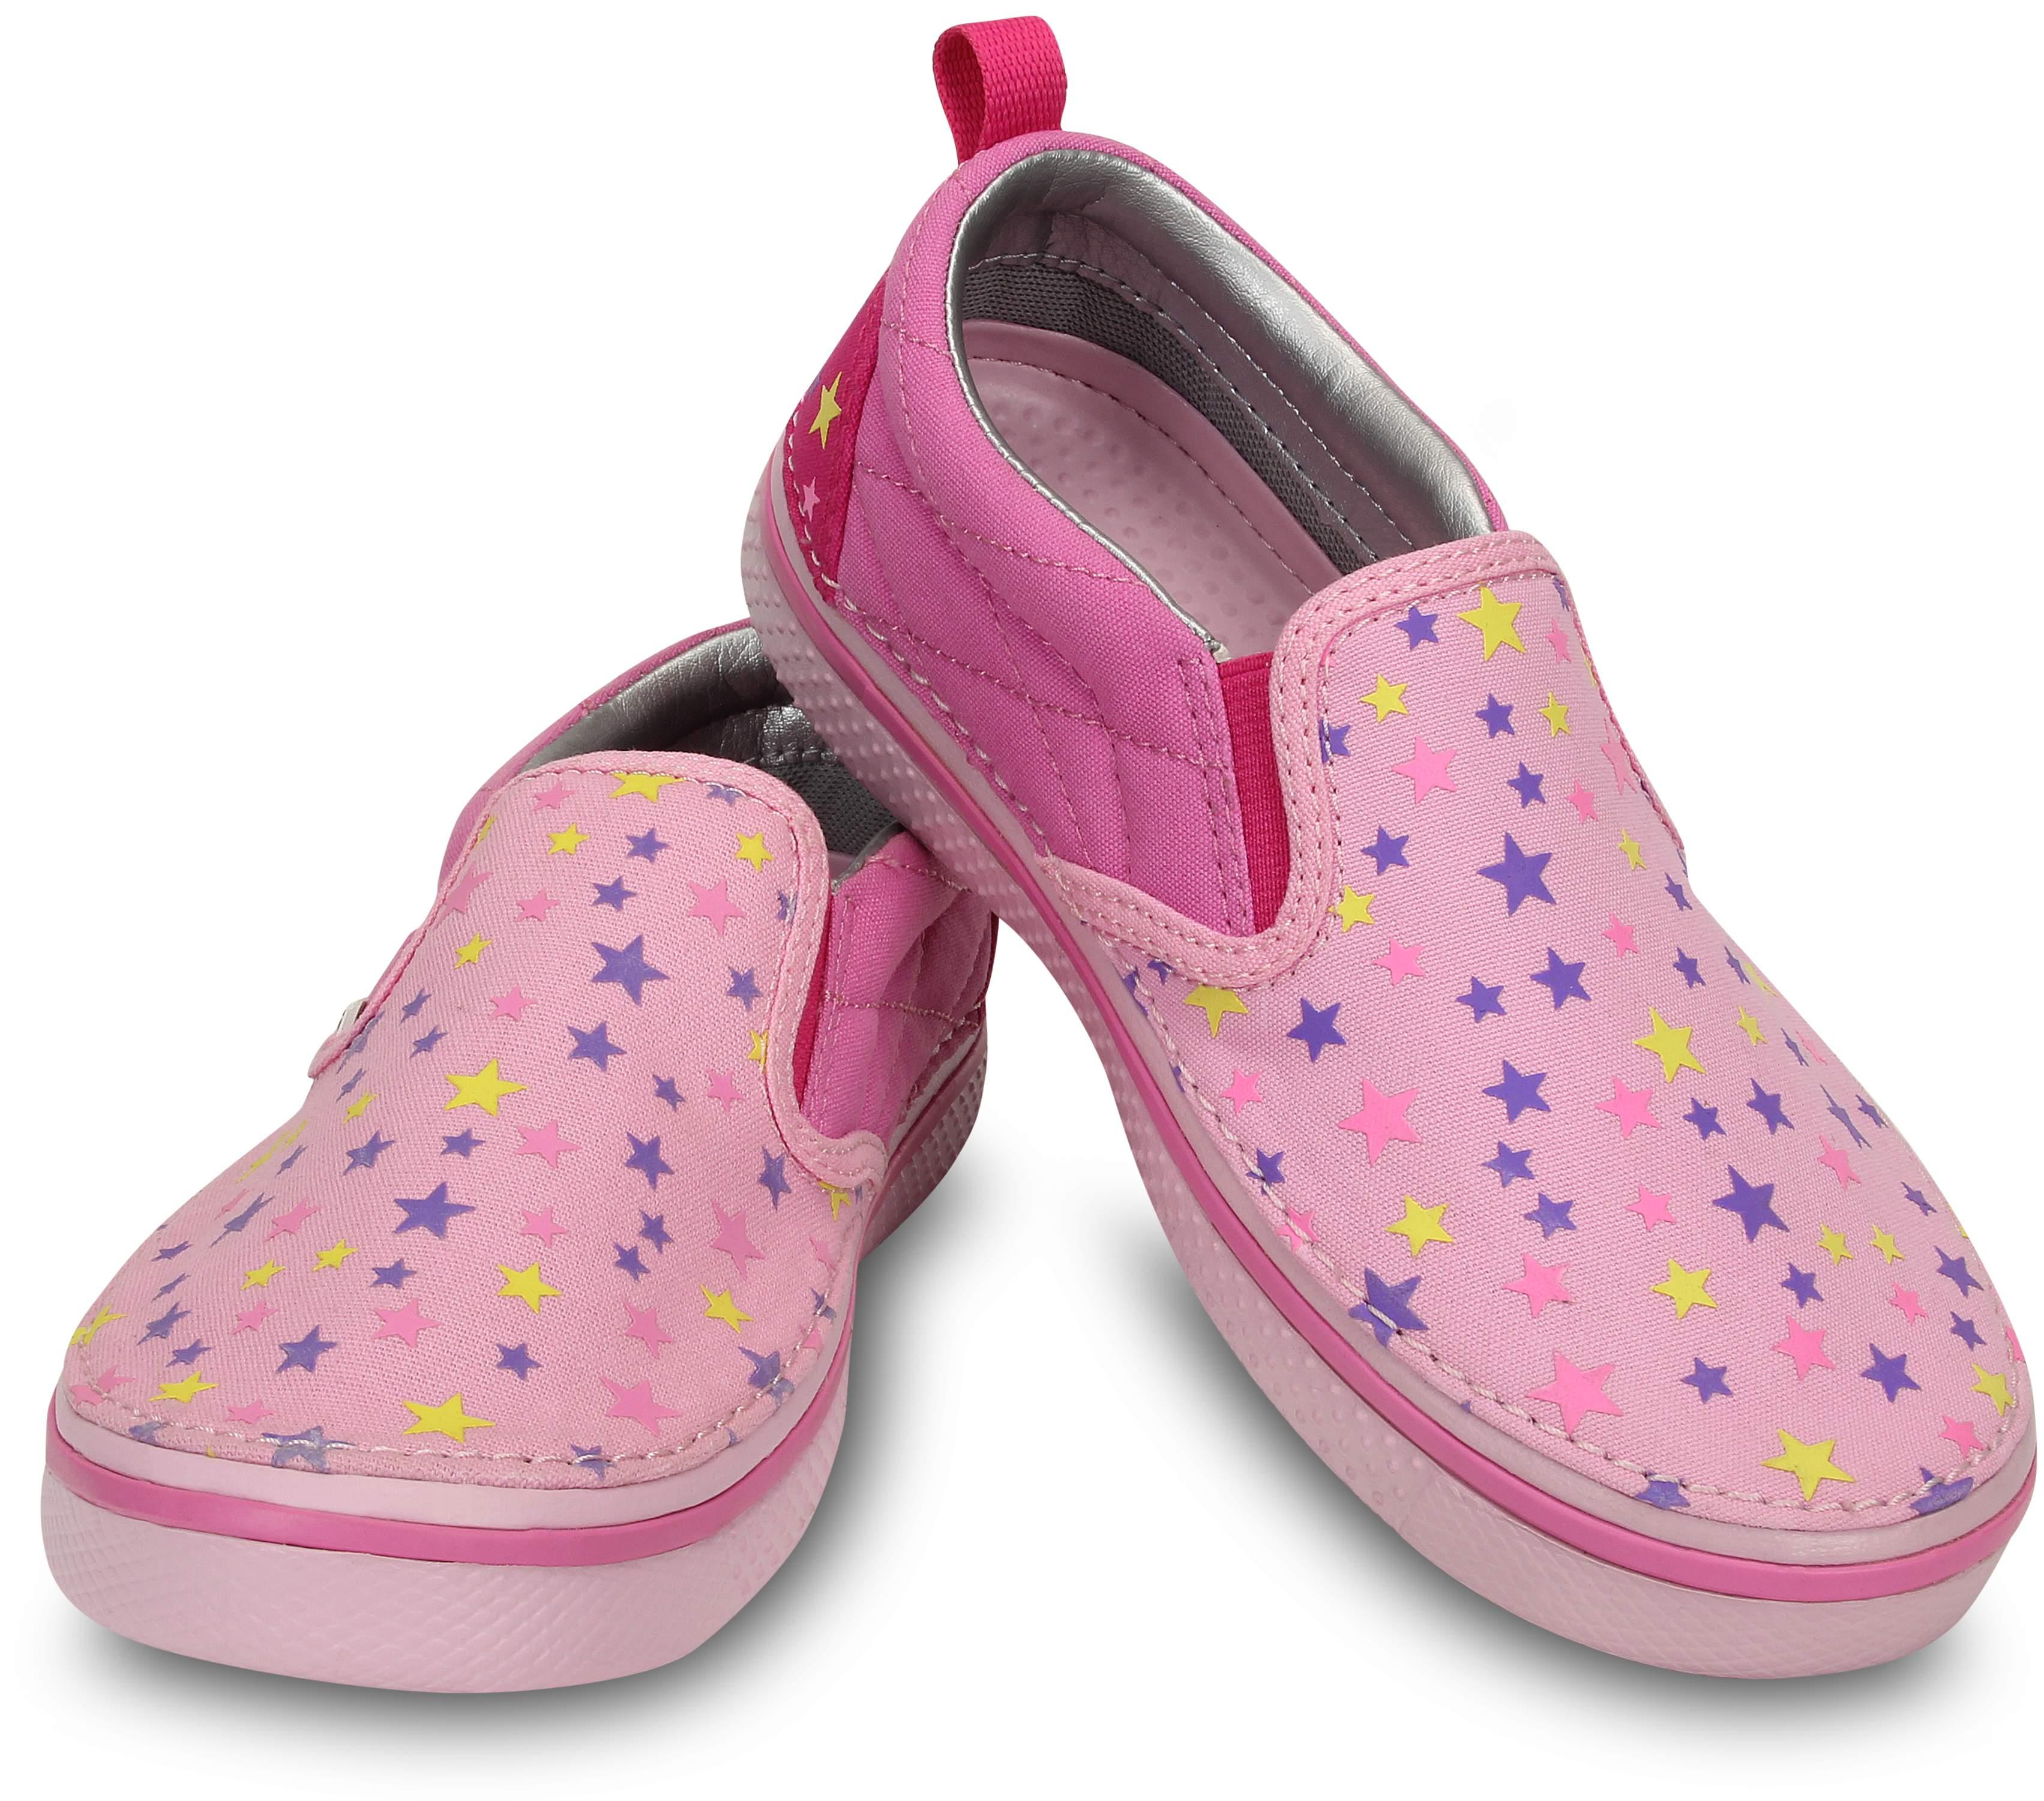 <クロックス公式> デコ アトモス スター プリント スニーカー GS - Deco Atmos Star Print Sneaker Gs (送料無料)